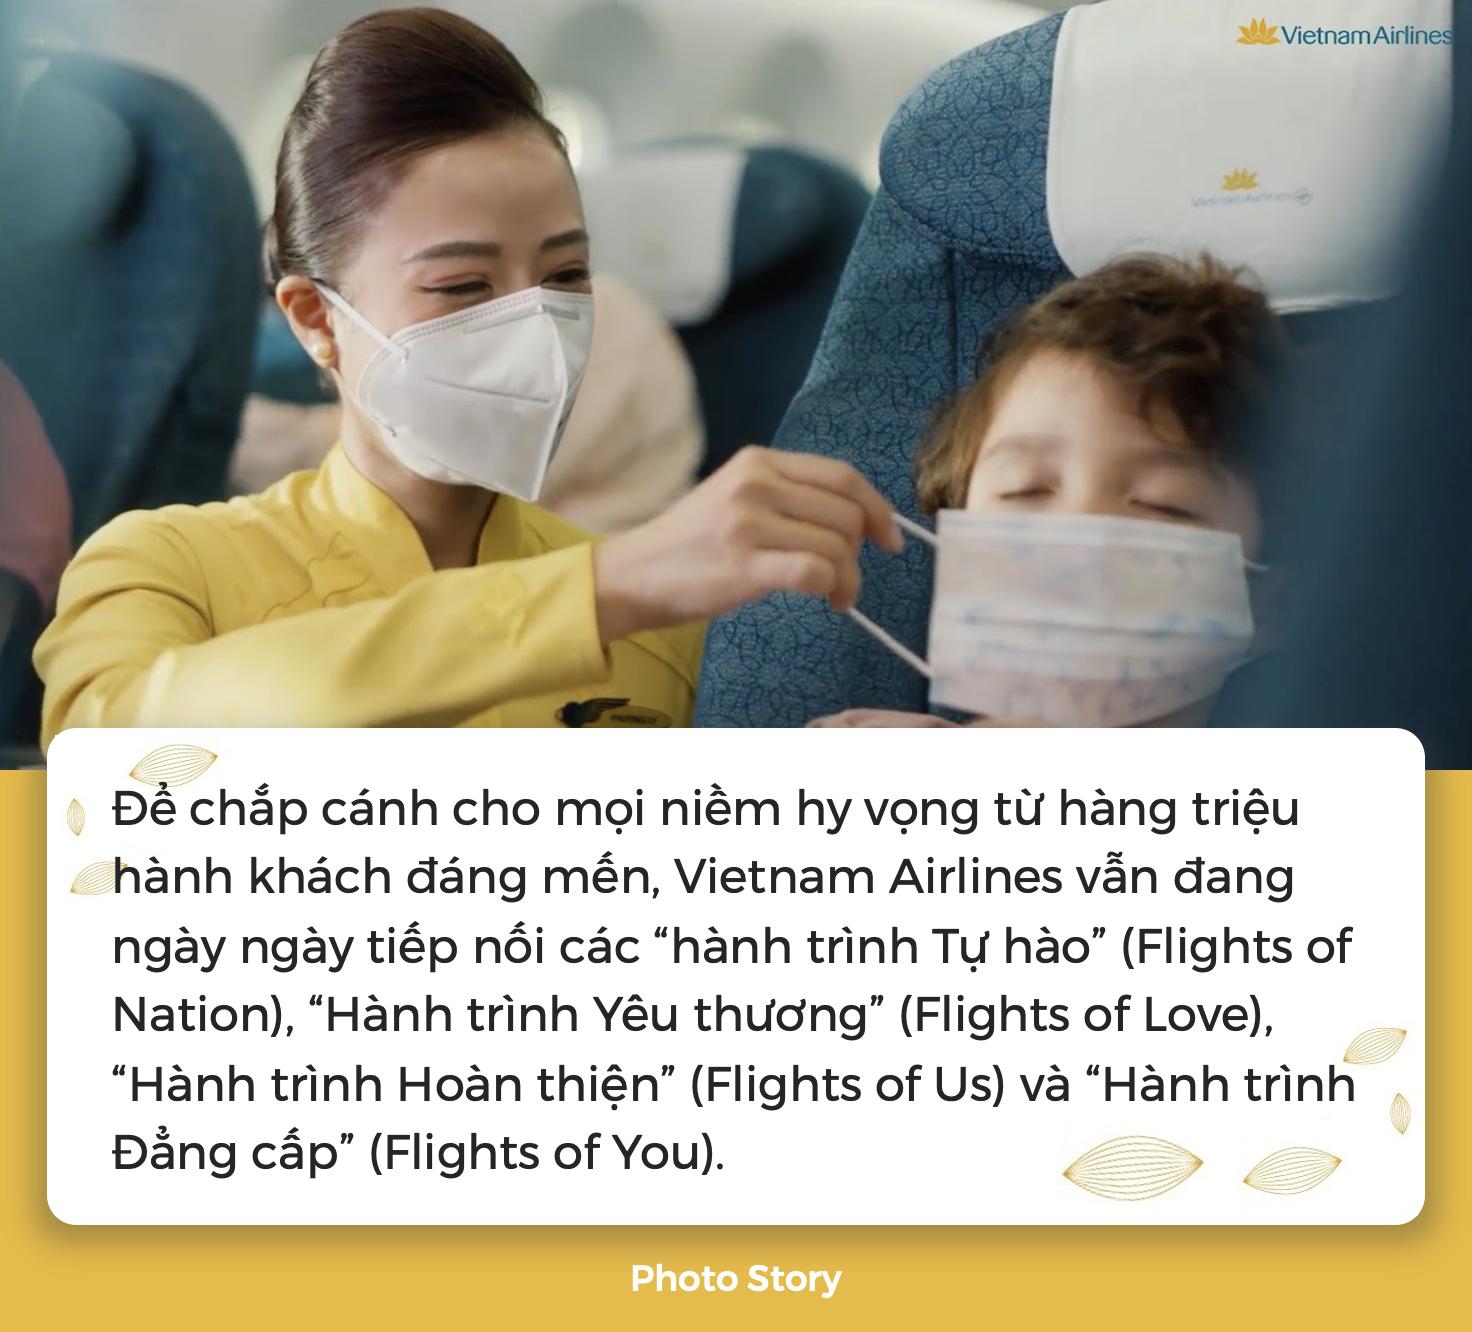 """Cùng Vietnam Airlines lan tỏa thông điệp """"Vì sao chúng ta bay?"""", sẵn sàng mang niềm hy vọng đặt vào mùa xuân mới - Ảnh 7."""